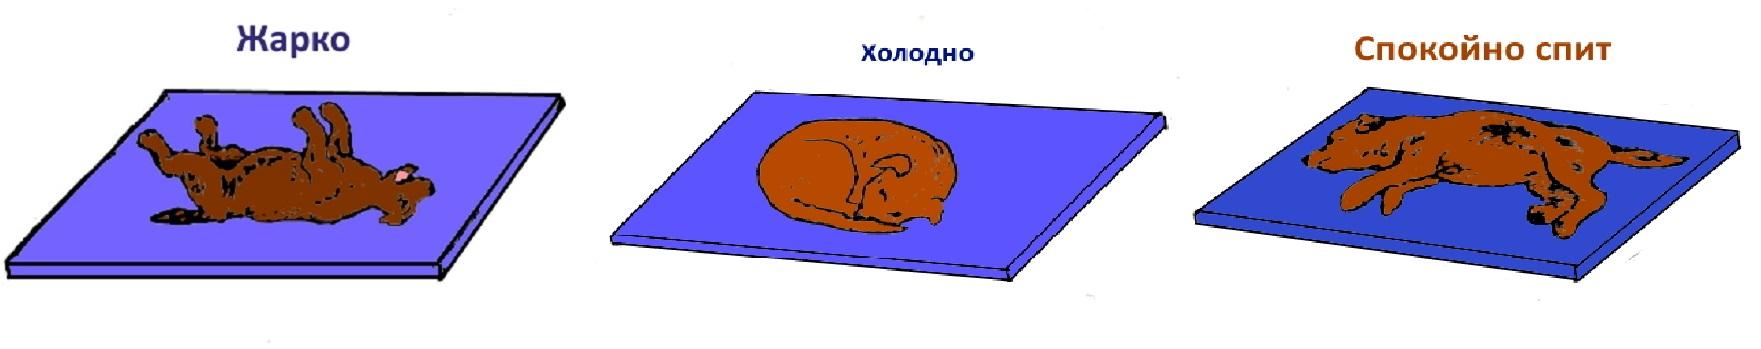 Щенок - выбор щенка - воспитание и обучение щенка